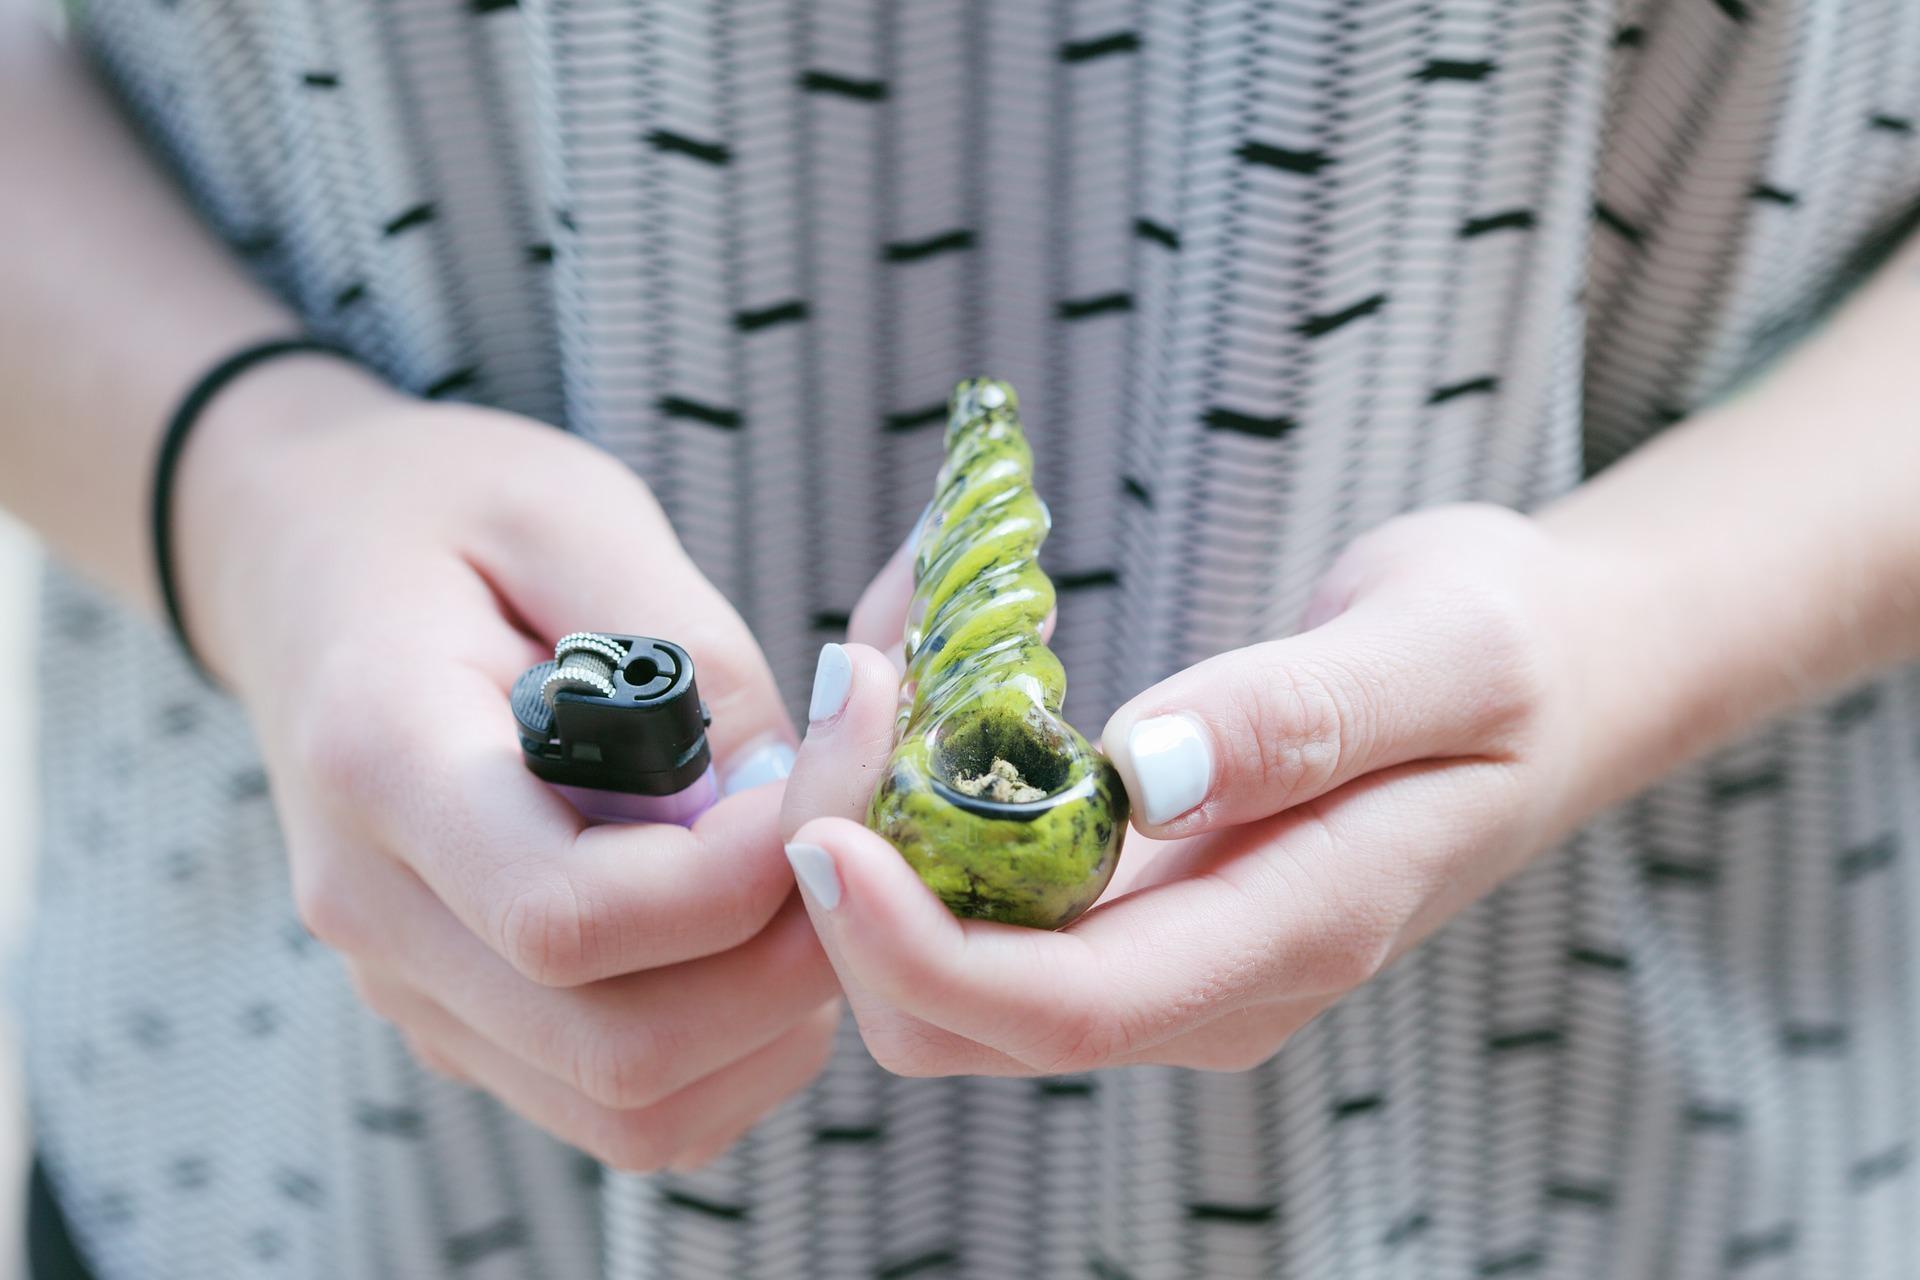 31d5d7ffd La marihuana sigue siendo la droga más consumida entre universitarios